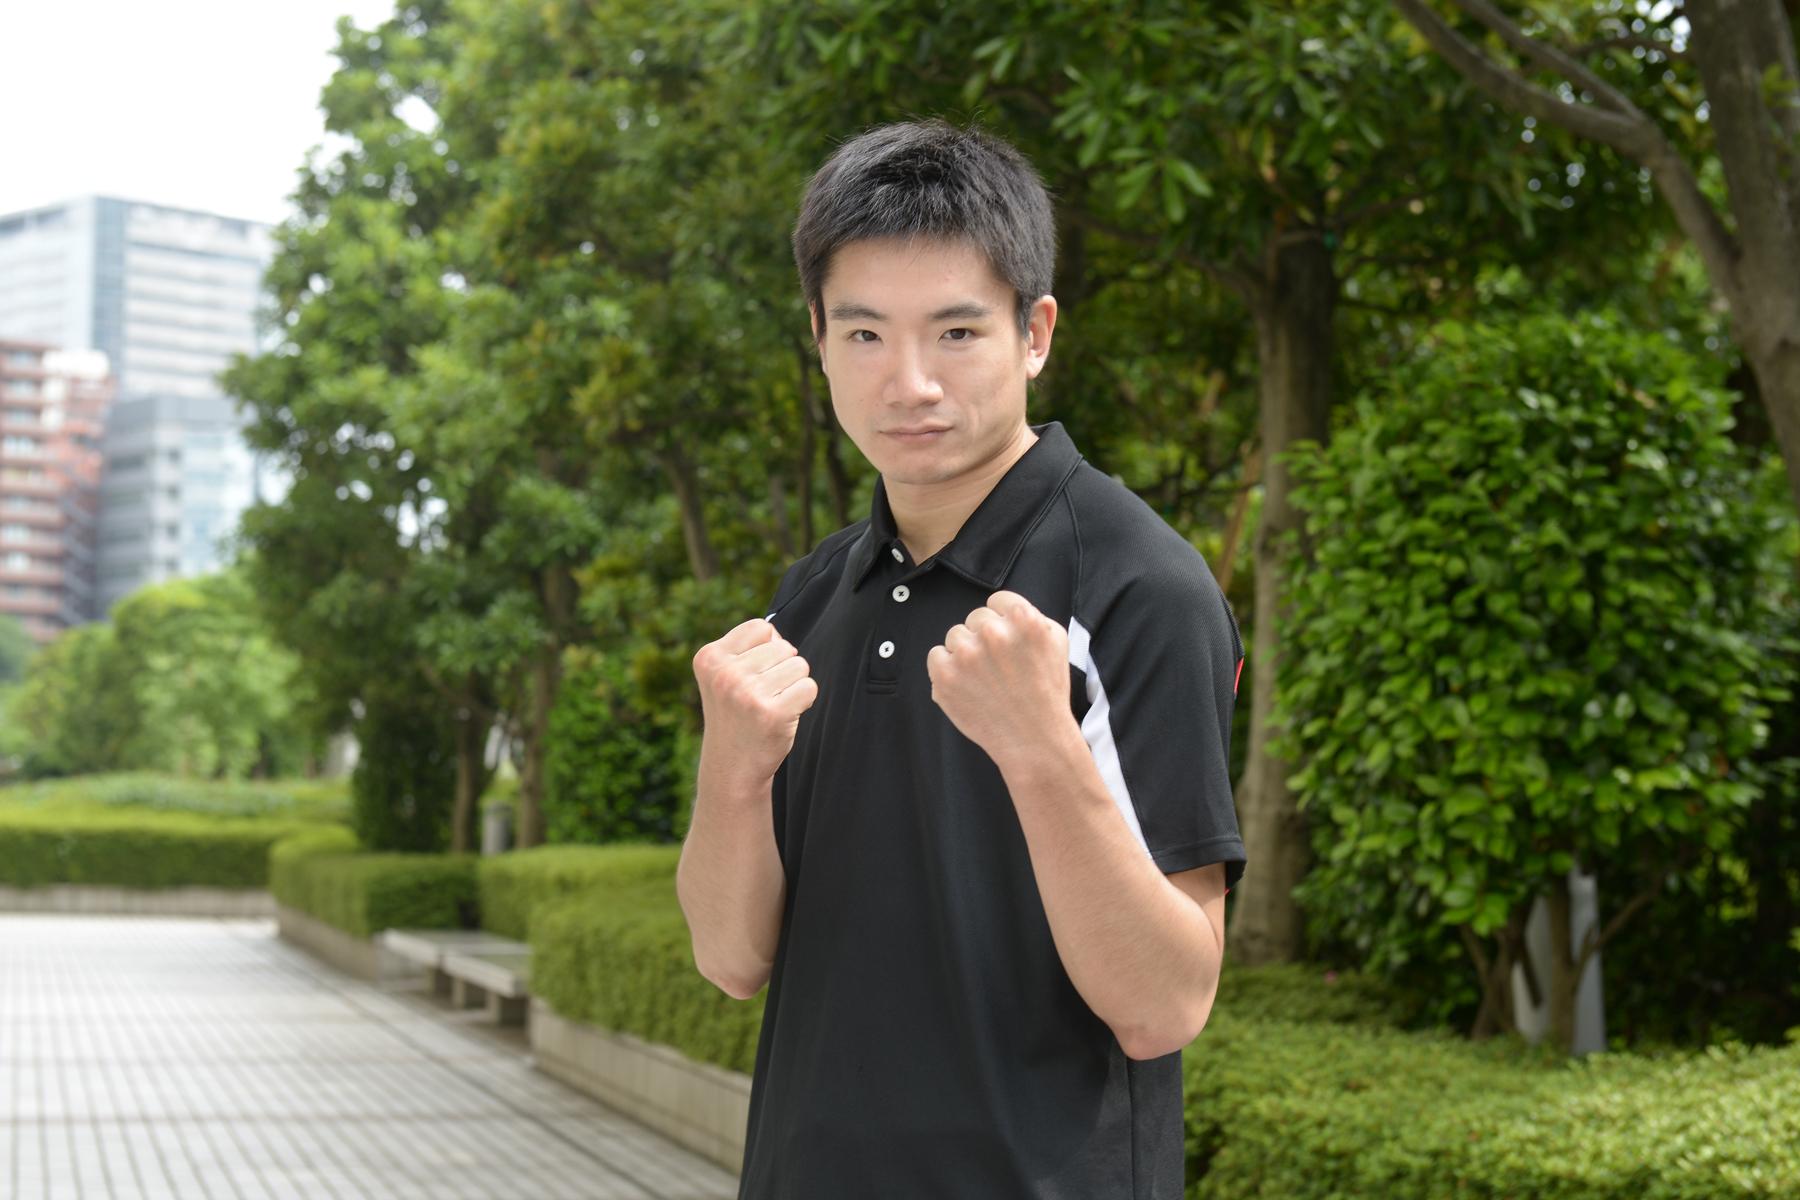 竹川光一郎選手(大)